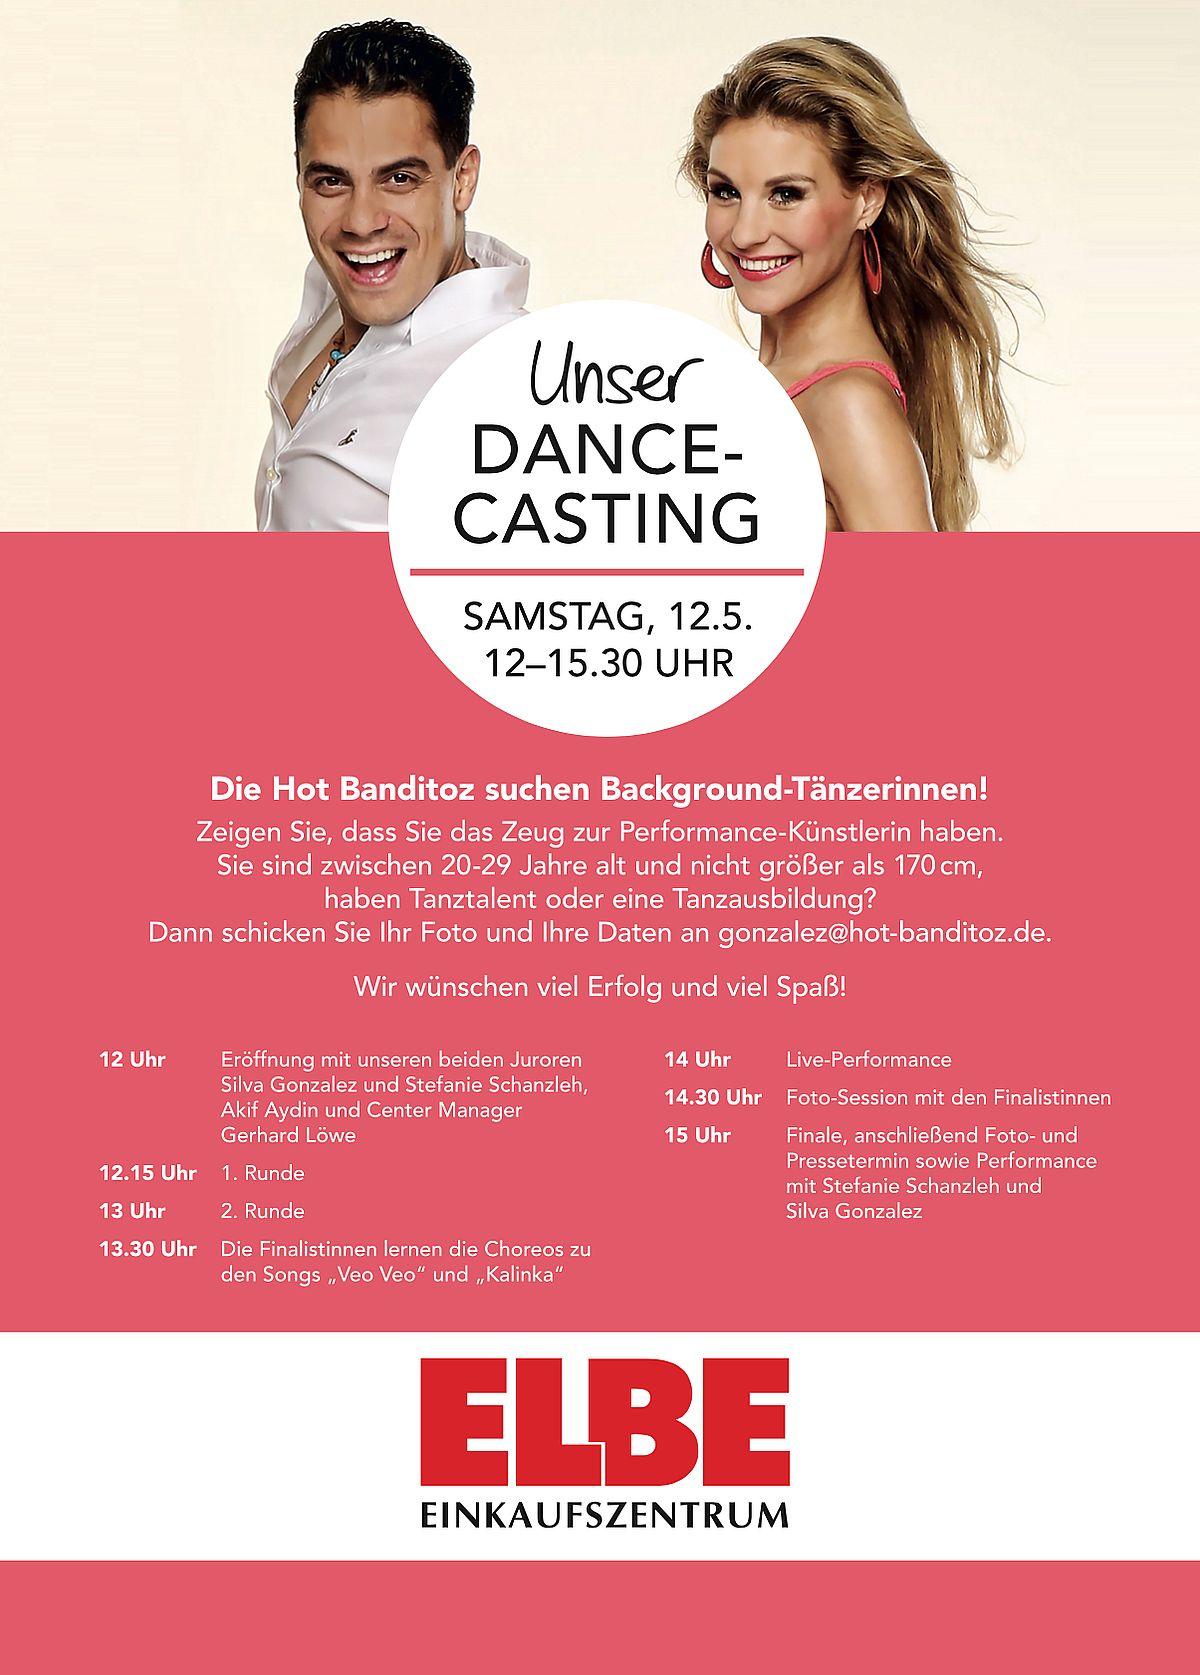 """Casting der """"Hot Banditoz"""" im Elbe-Einkaufszentrum"""